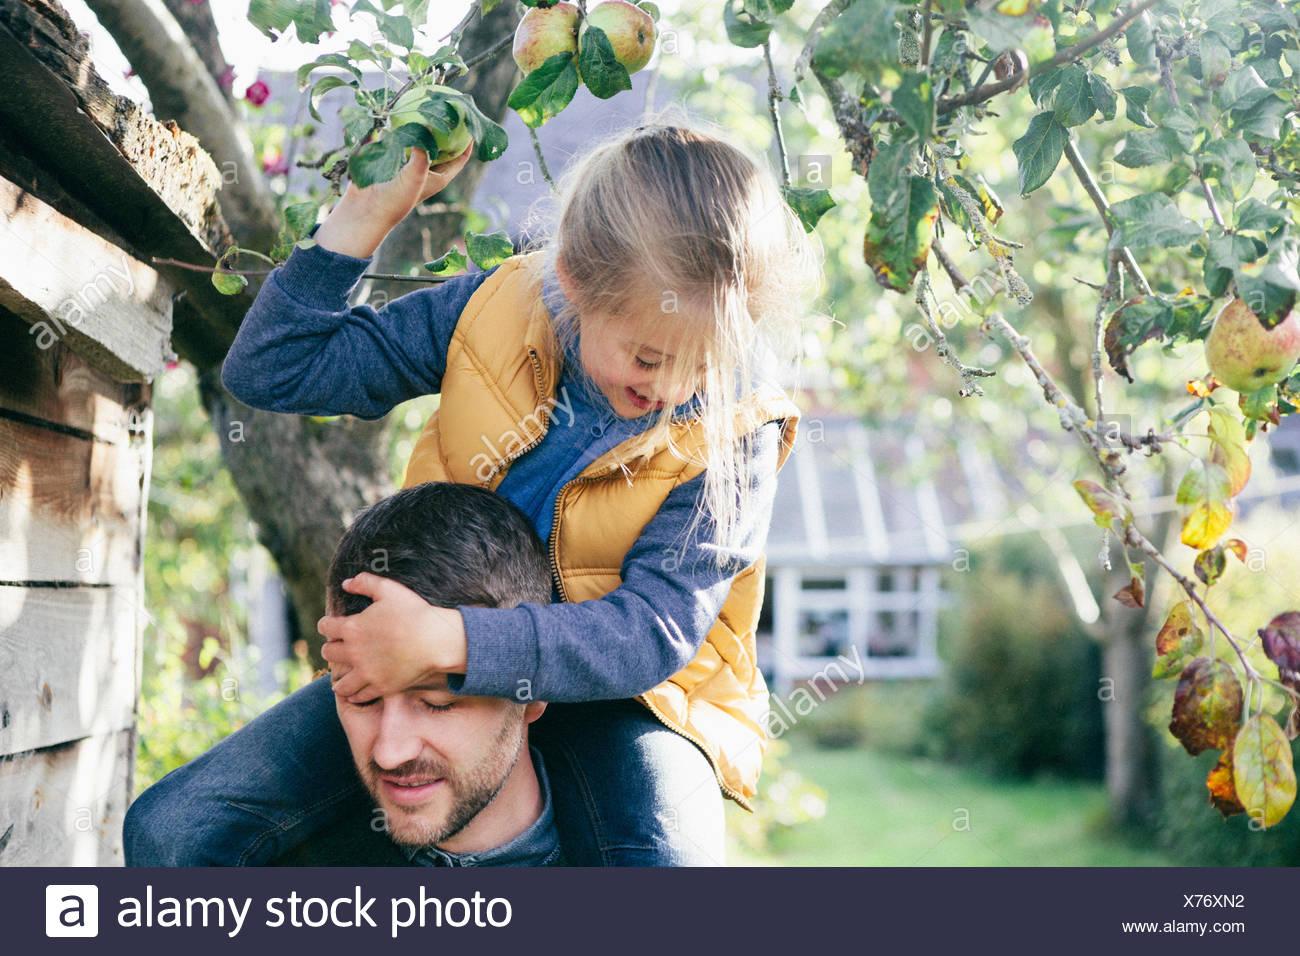 Fille sur les épaules du père, cueillette de apple tree Photo Stock